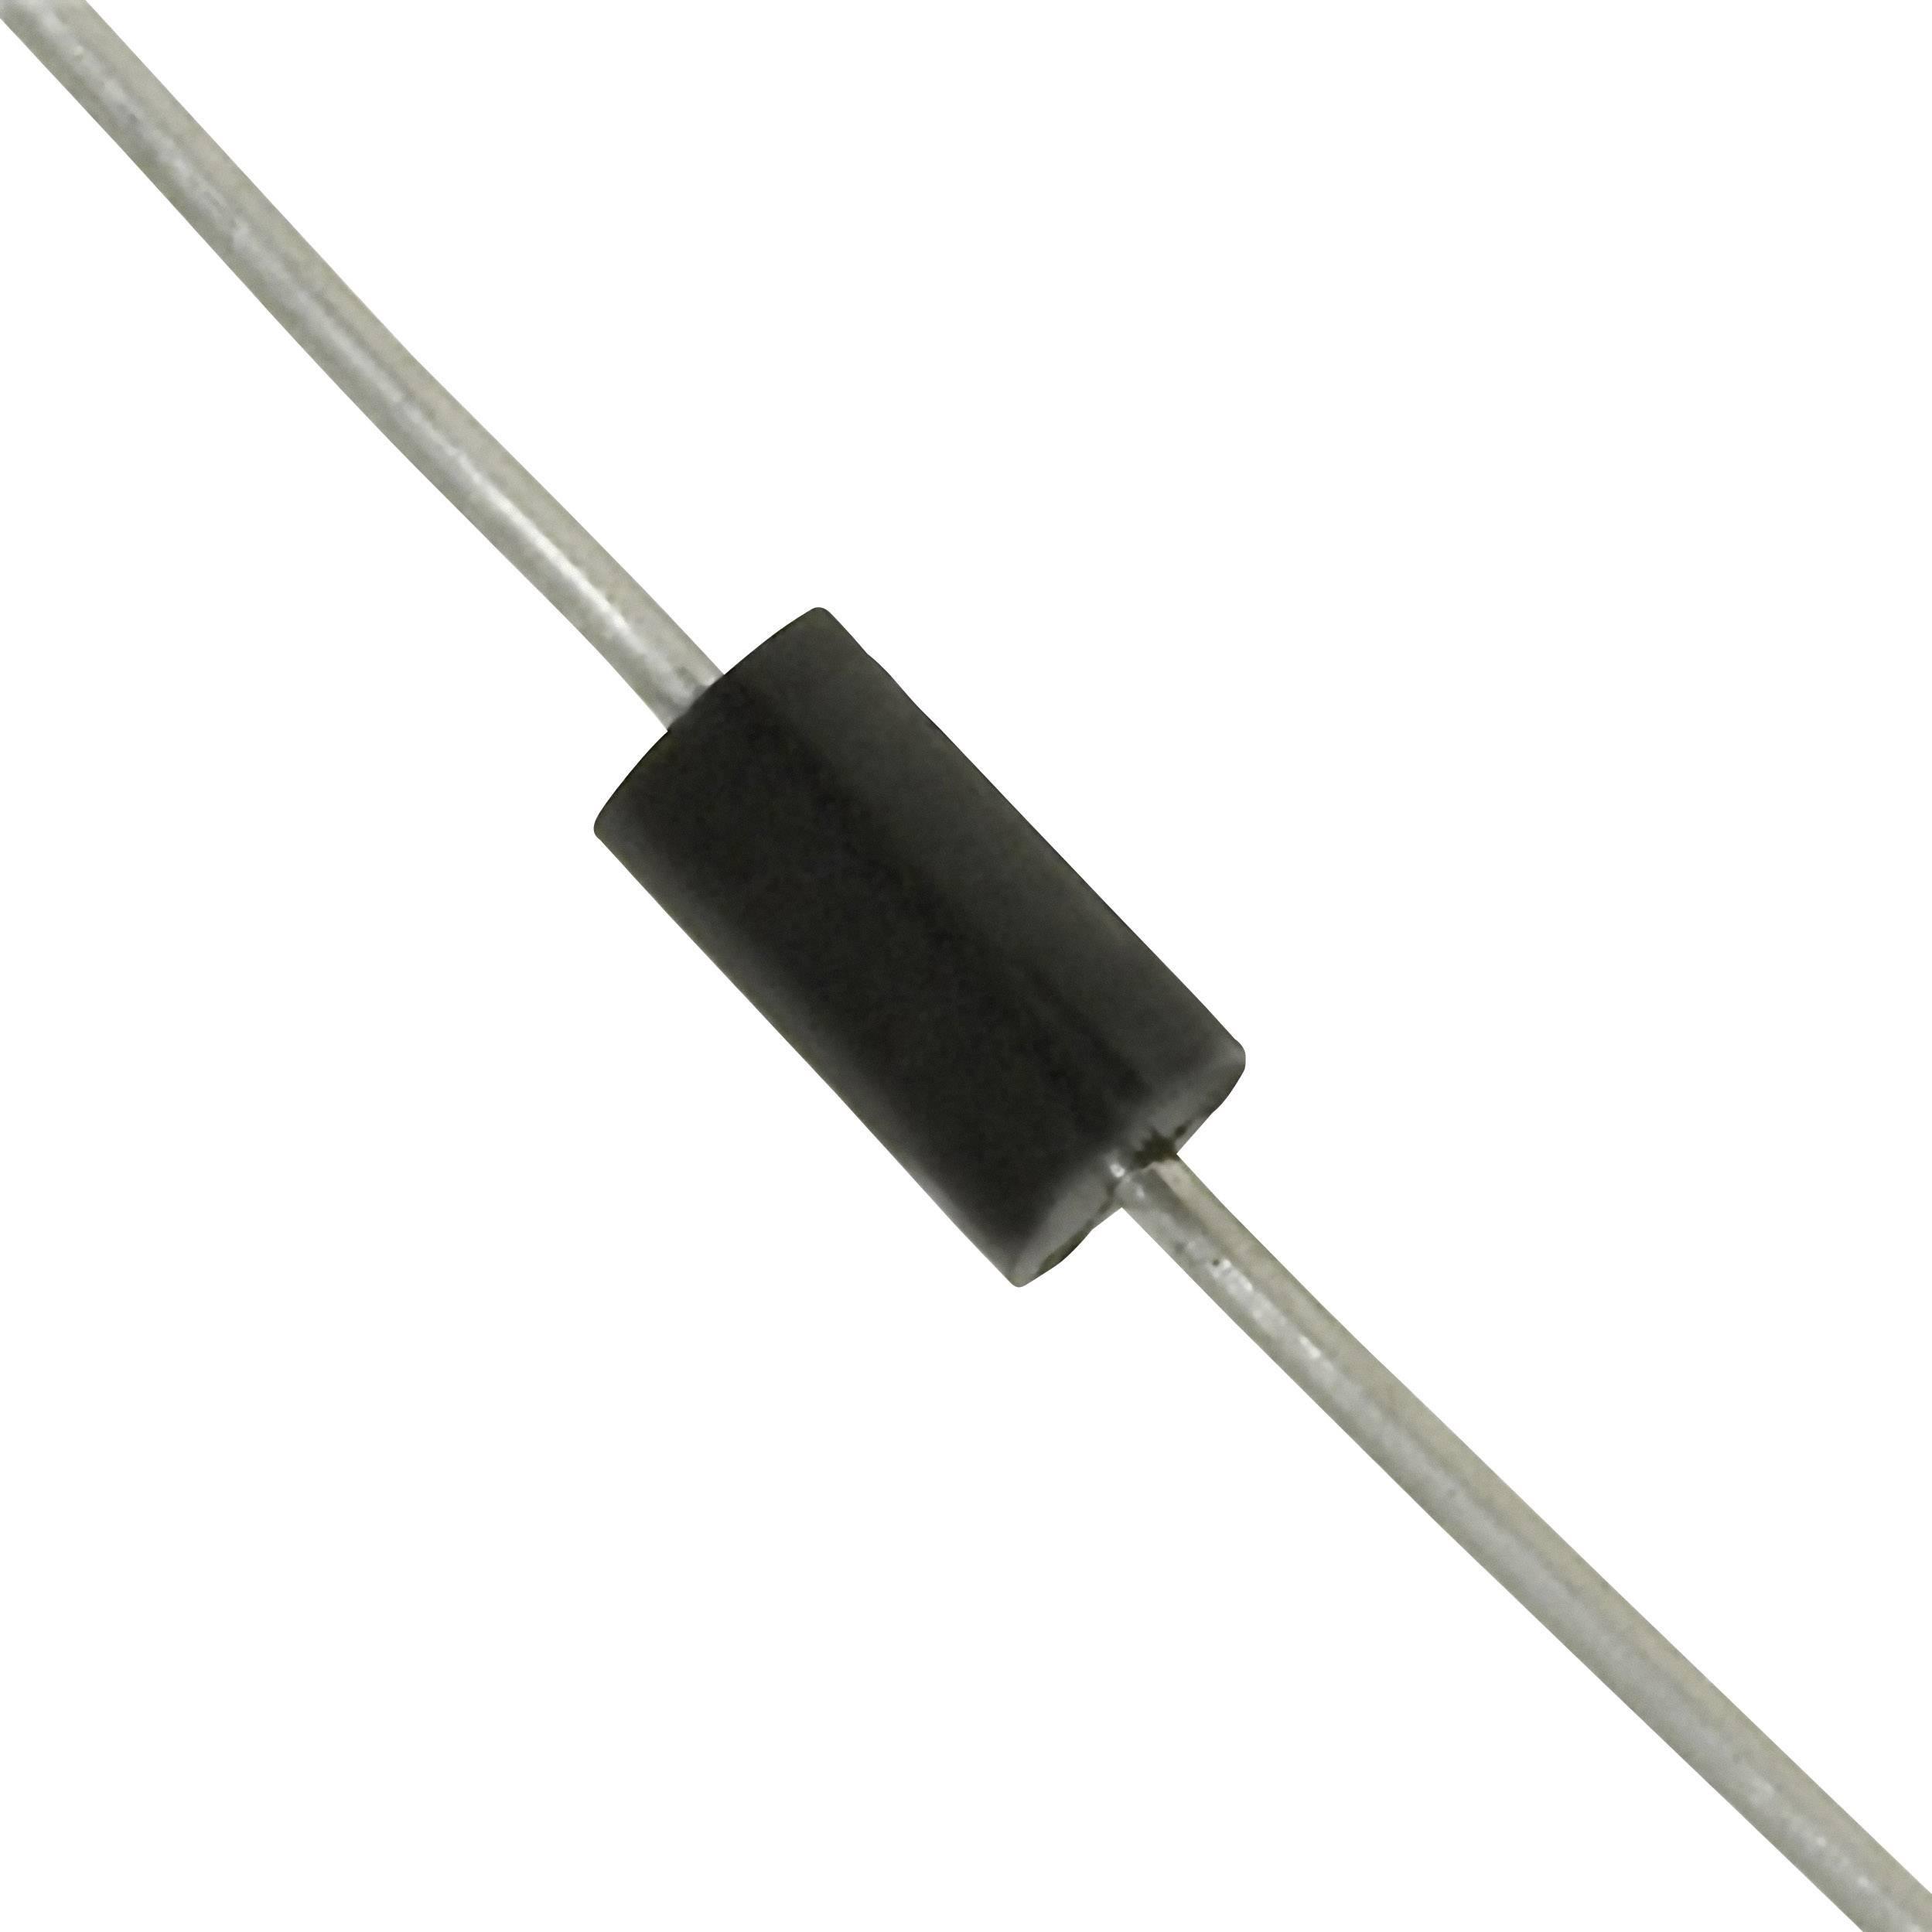 Dióda STMicroelectronics 160V/700V PKC-136 DO-15 STM